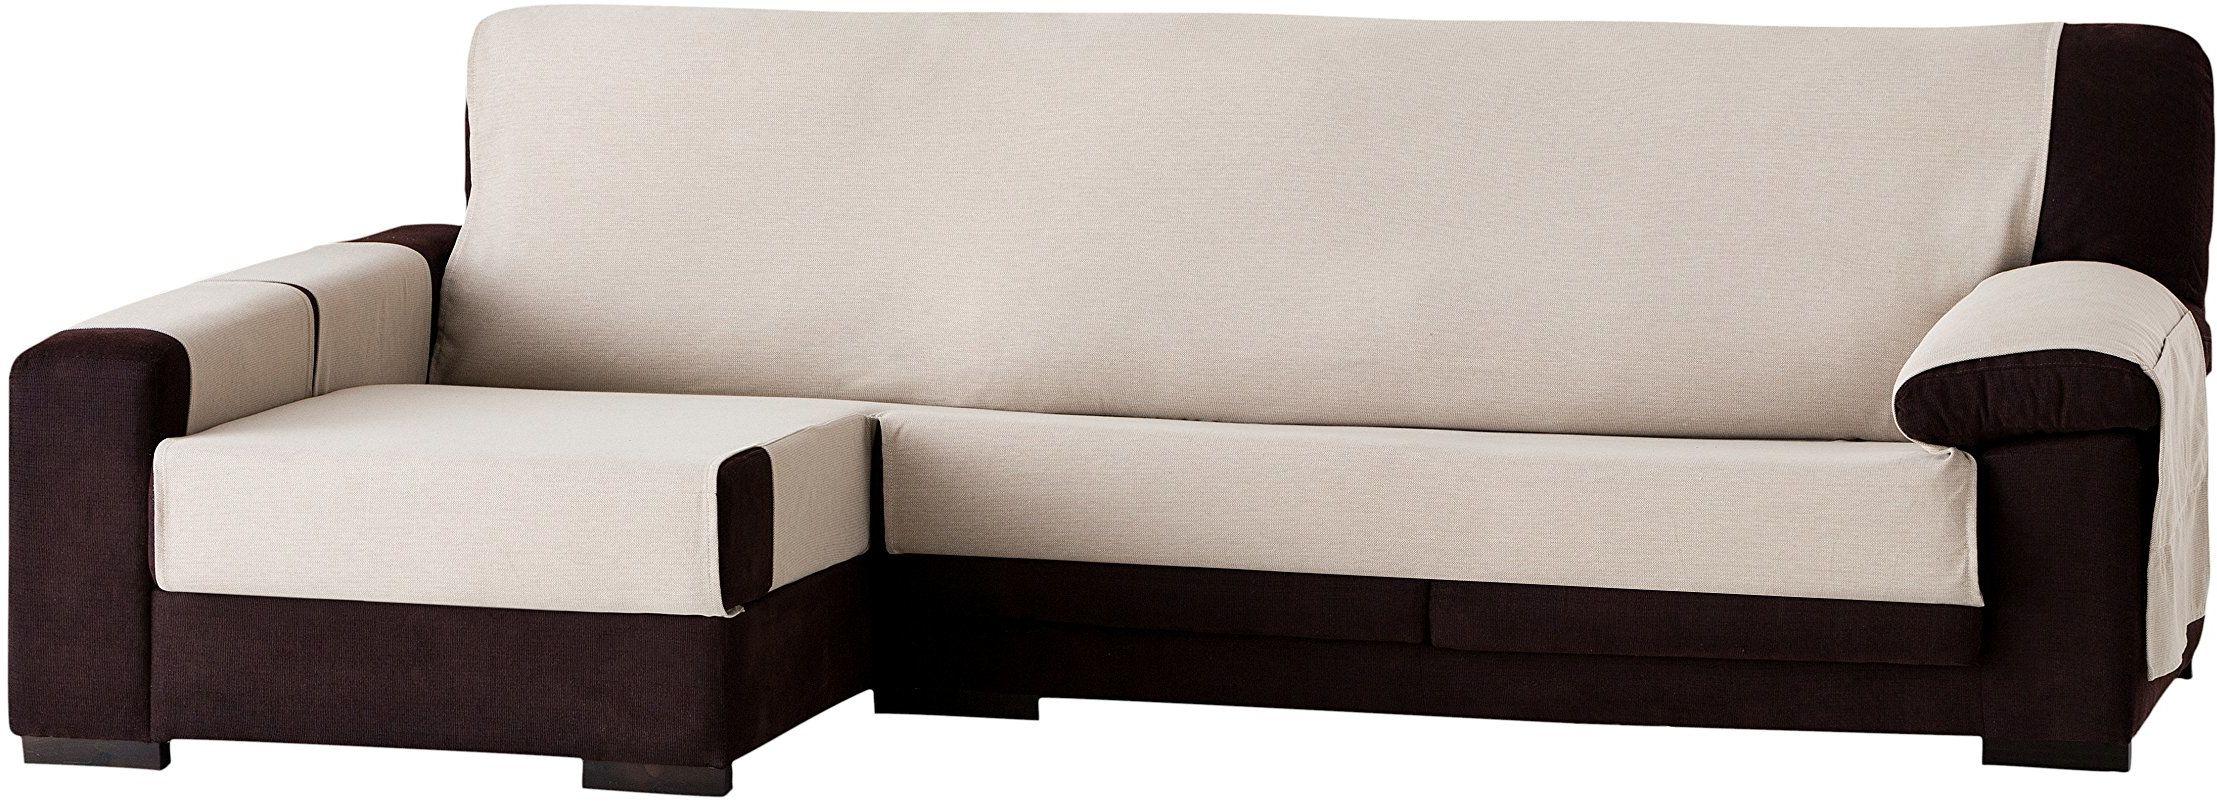 Eysa Constanza nieelastyczna narzuta na sofę o długości 290 cm po lewej stronie, widok z przodu, bawełna, 01-len, 37 x 9 x 29 cm